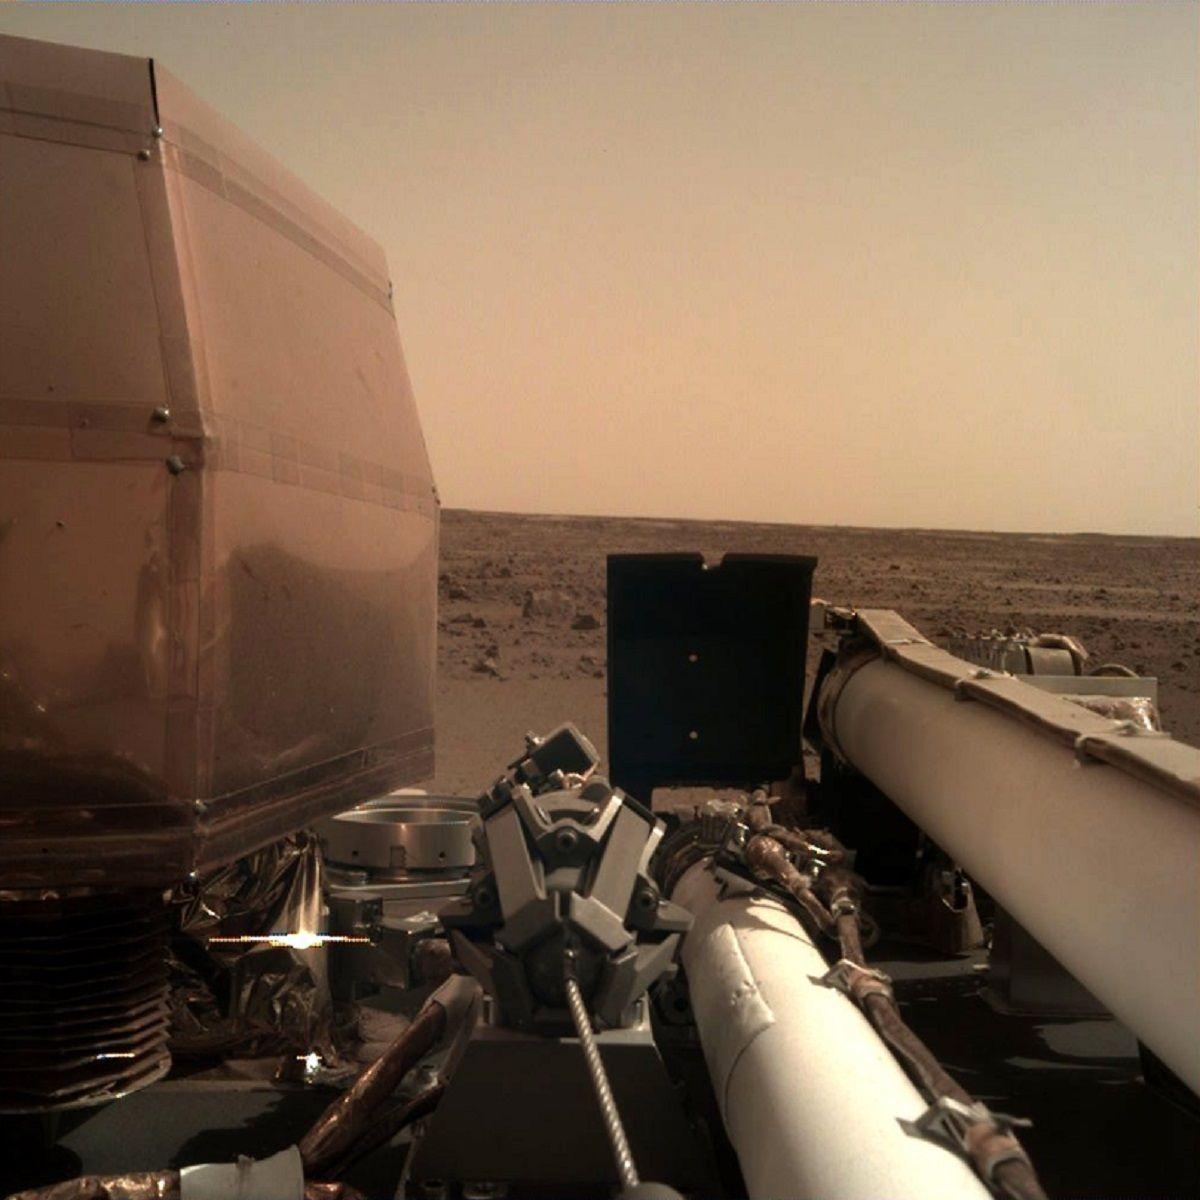 La NASA publicó las primeras fotos de Marte sacadas por la sonda InSight